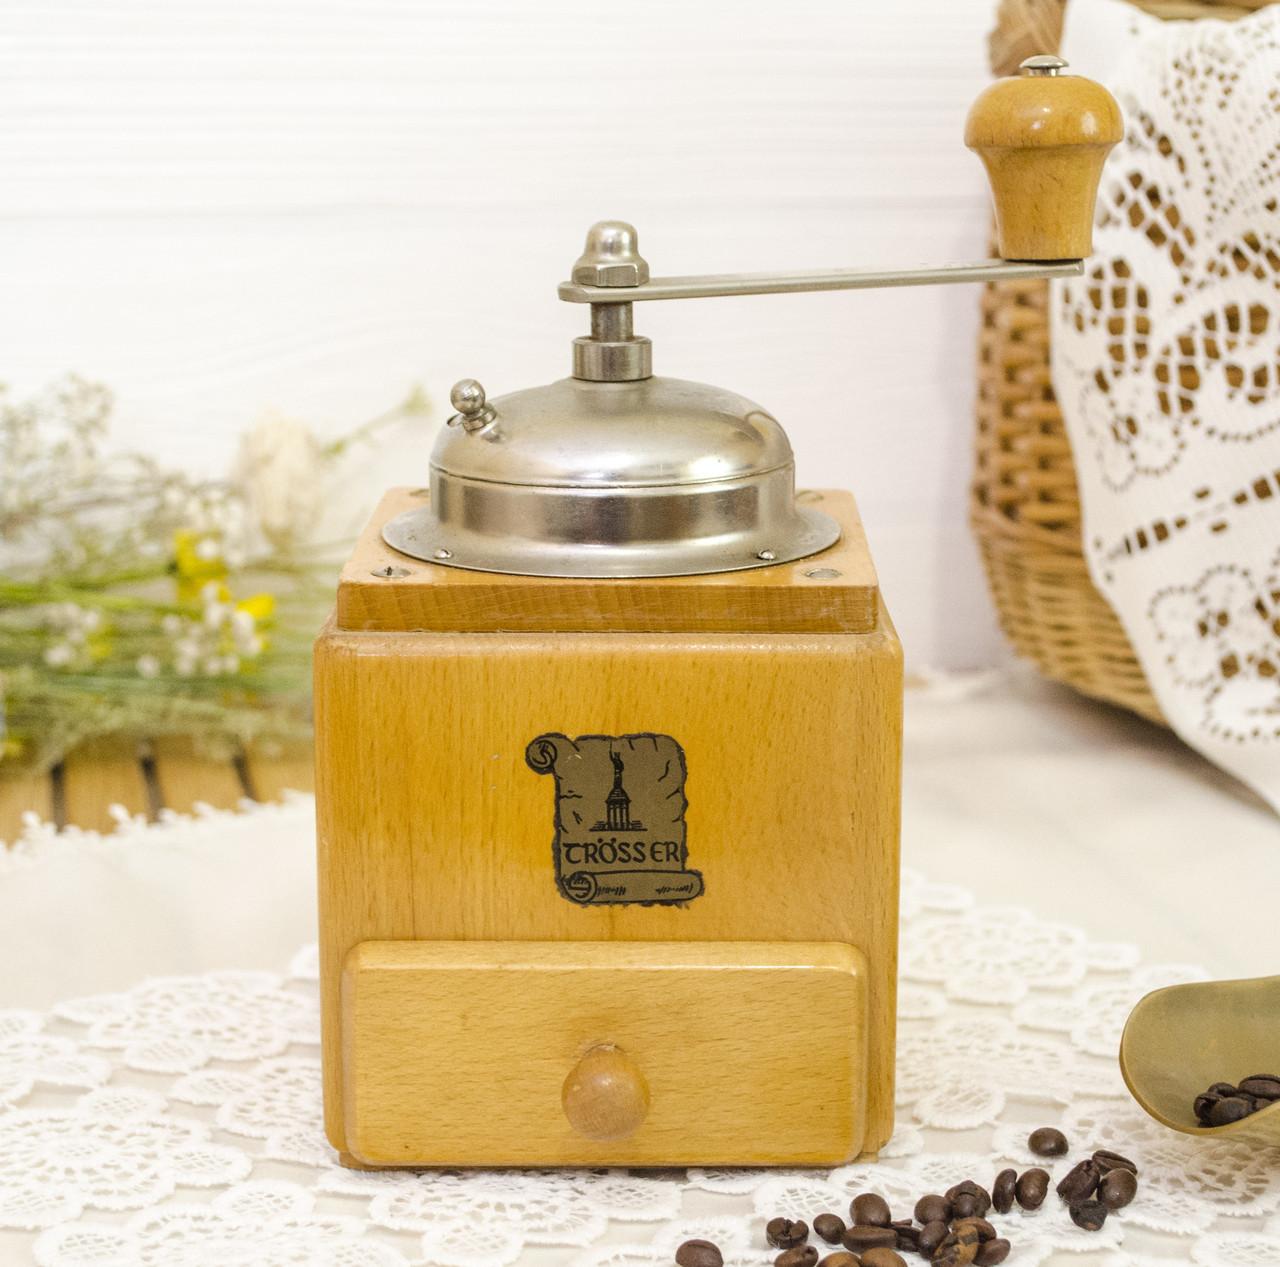 Коллекционная немецкая кофемолка, деревянный корпус, Германия, Grsser